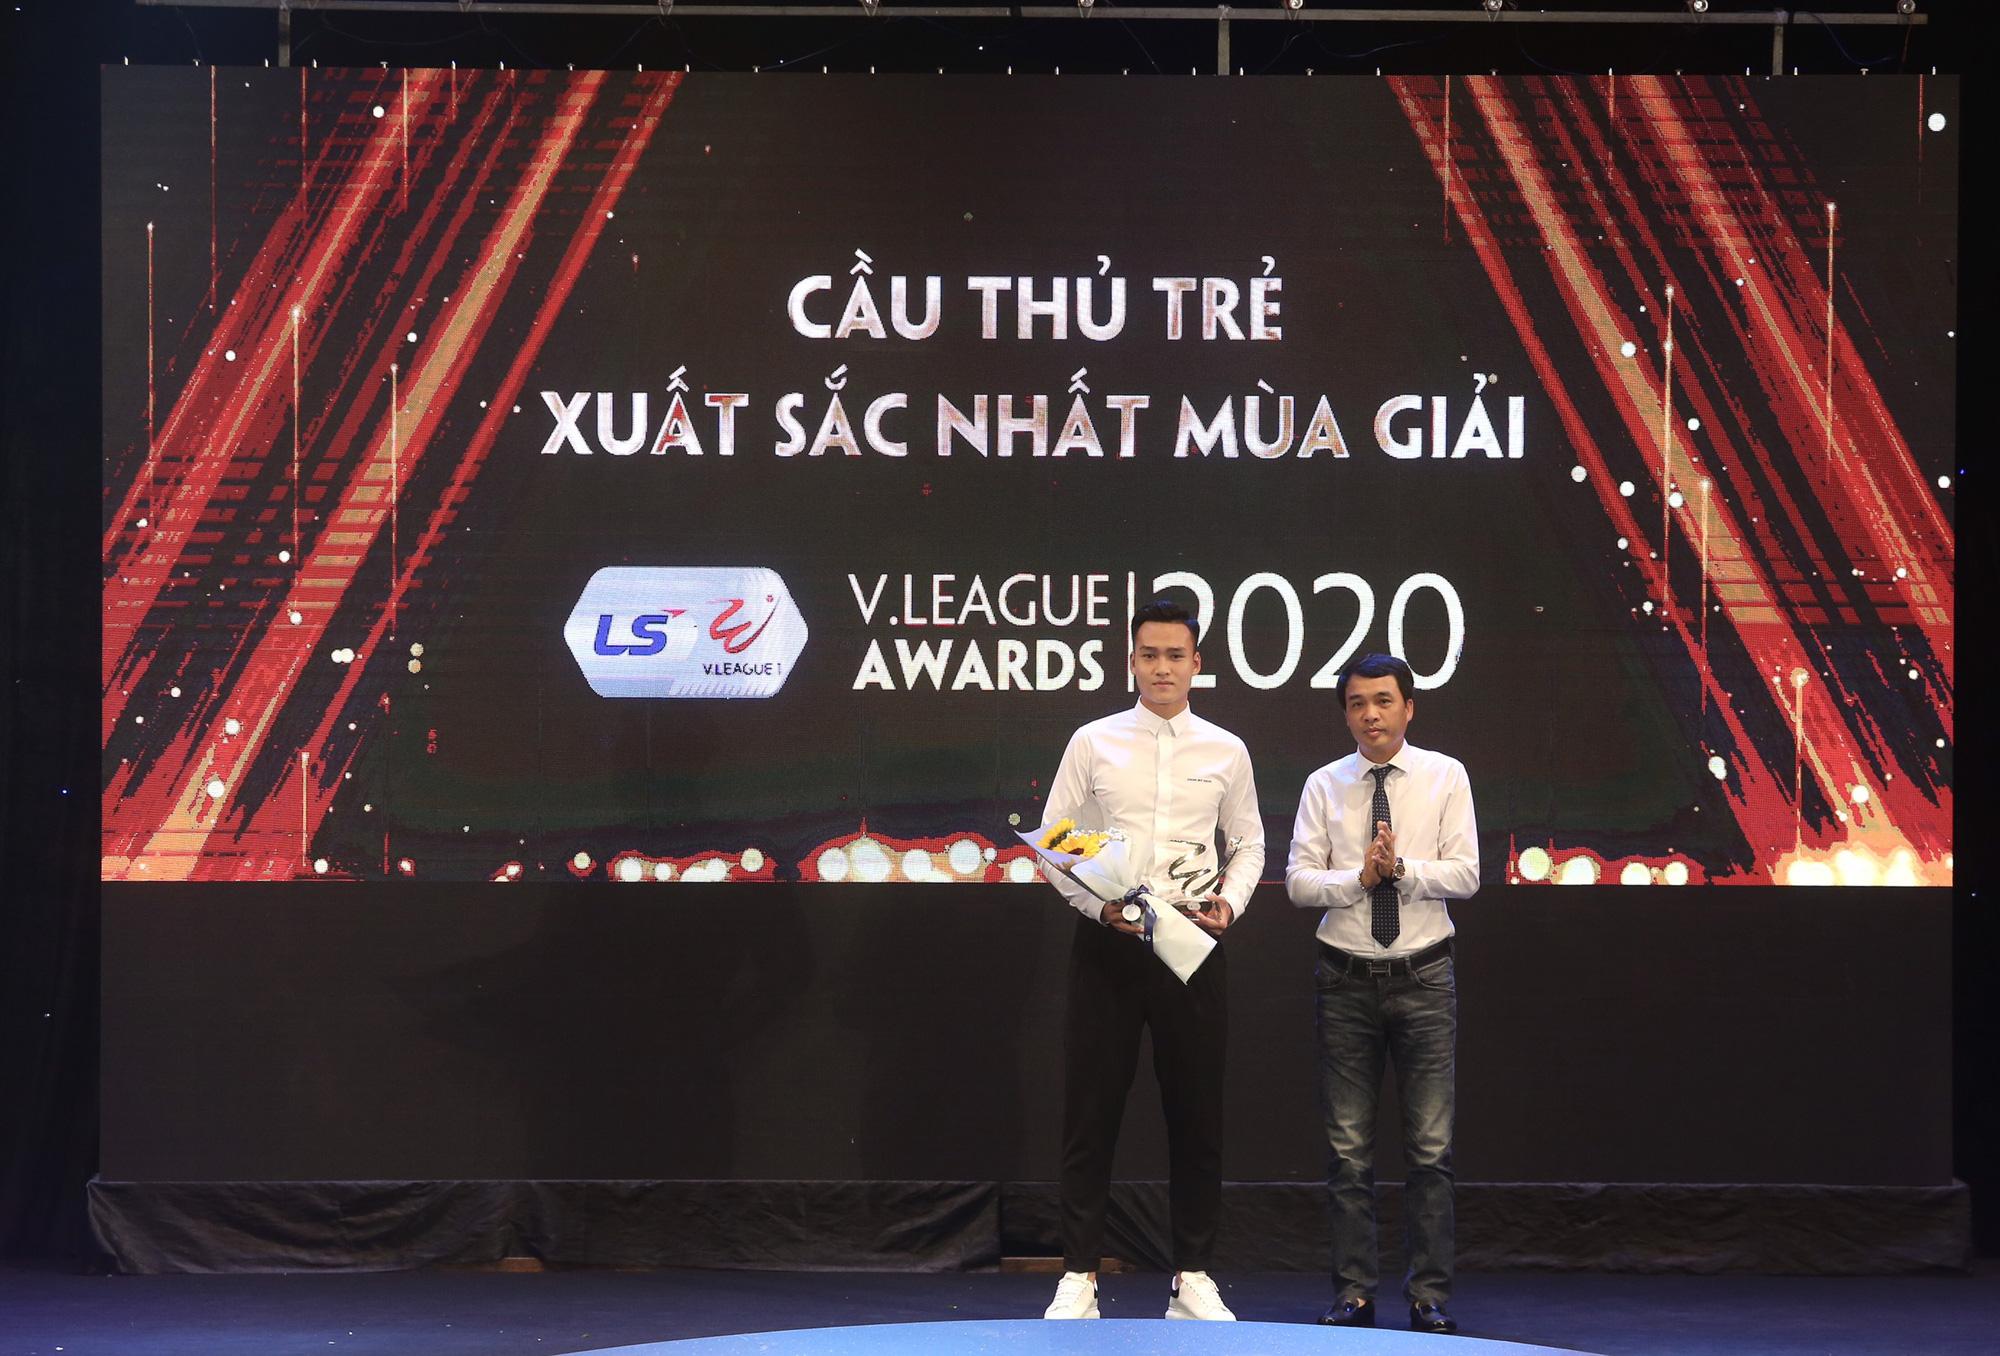 Văn Quyết,HLV Trương Việt Hoàng tỏa sáng tại V.League Awards 2020 - Ảnh 3.